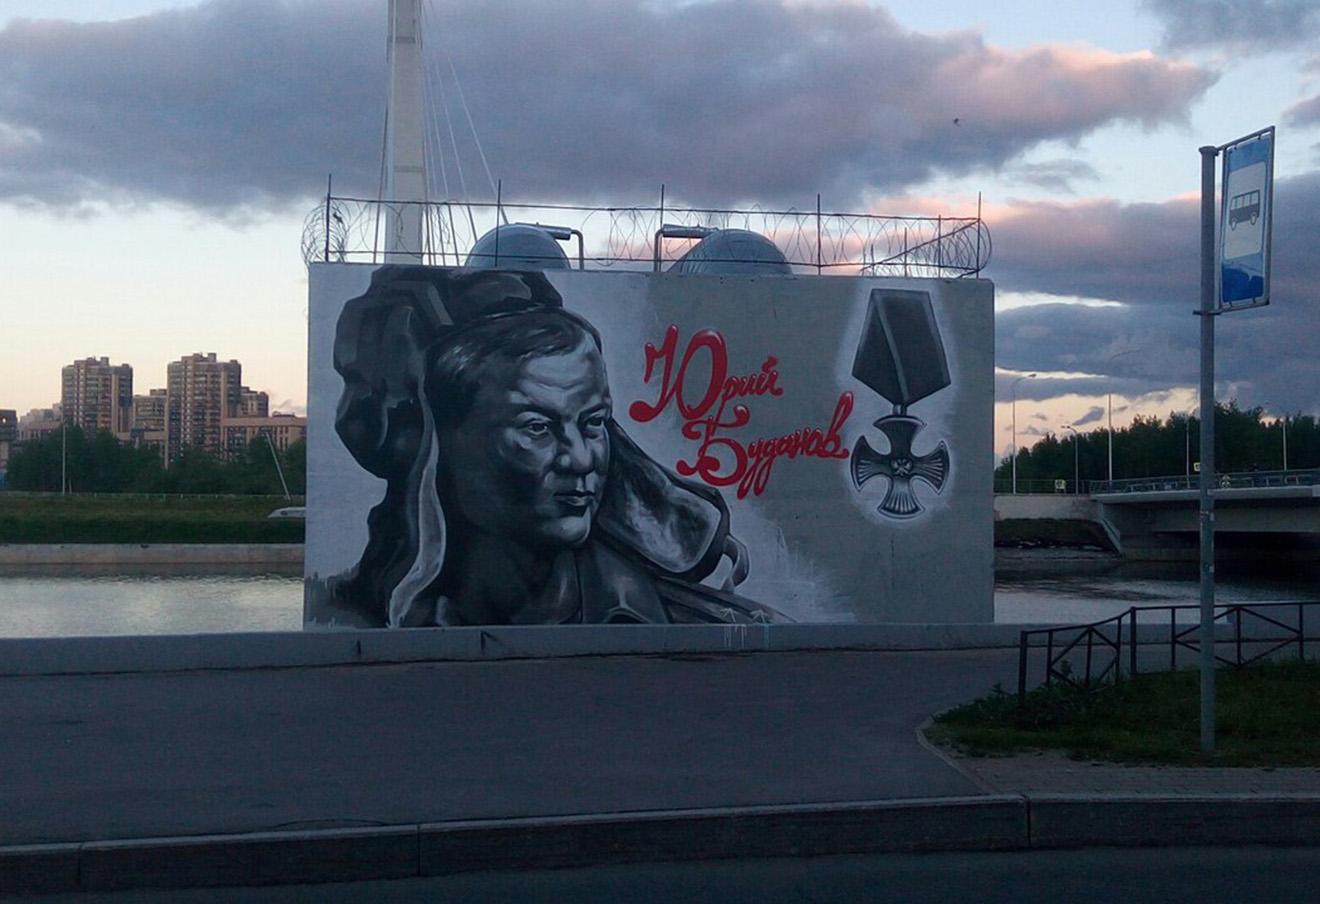 Граффити с портретом Юрия Буданова около моста в Санкт-Петербурге через Дудергофский канал, который власти решили назвать в честь Ахмата Кадырова.